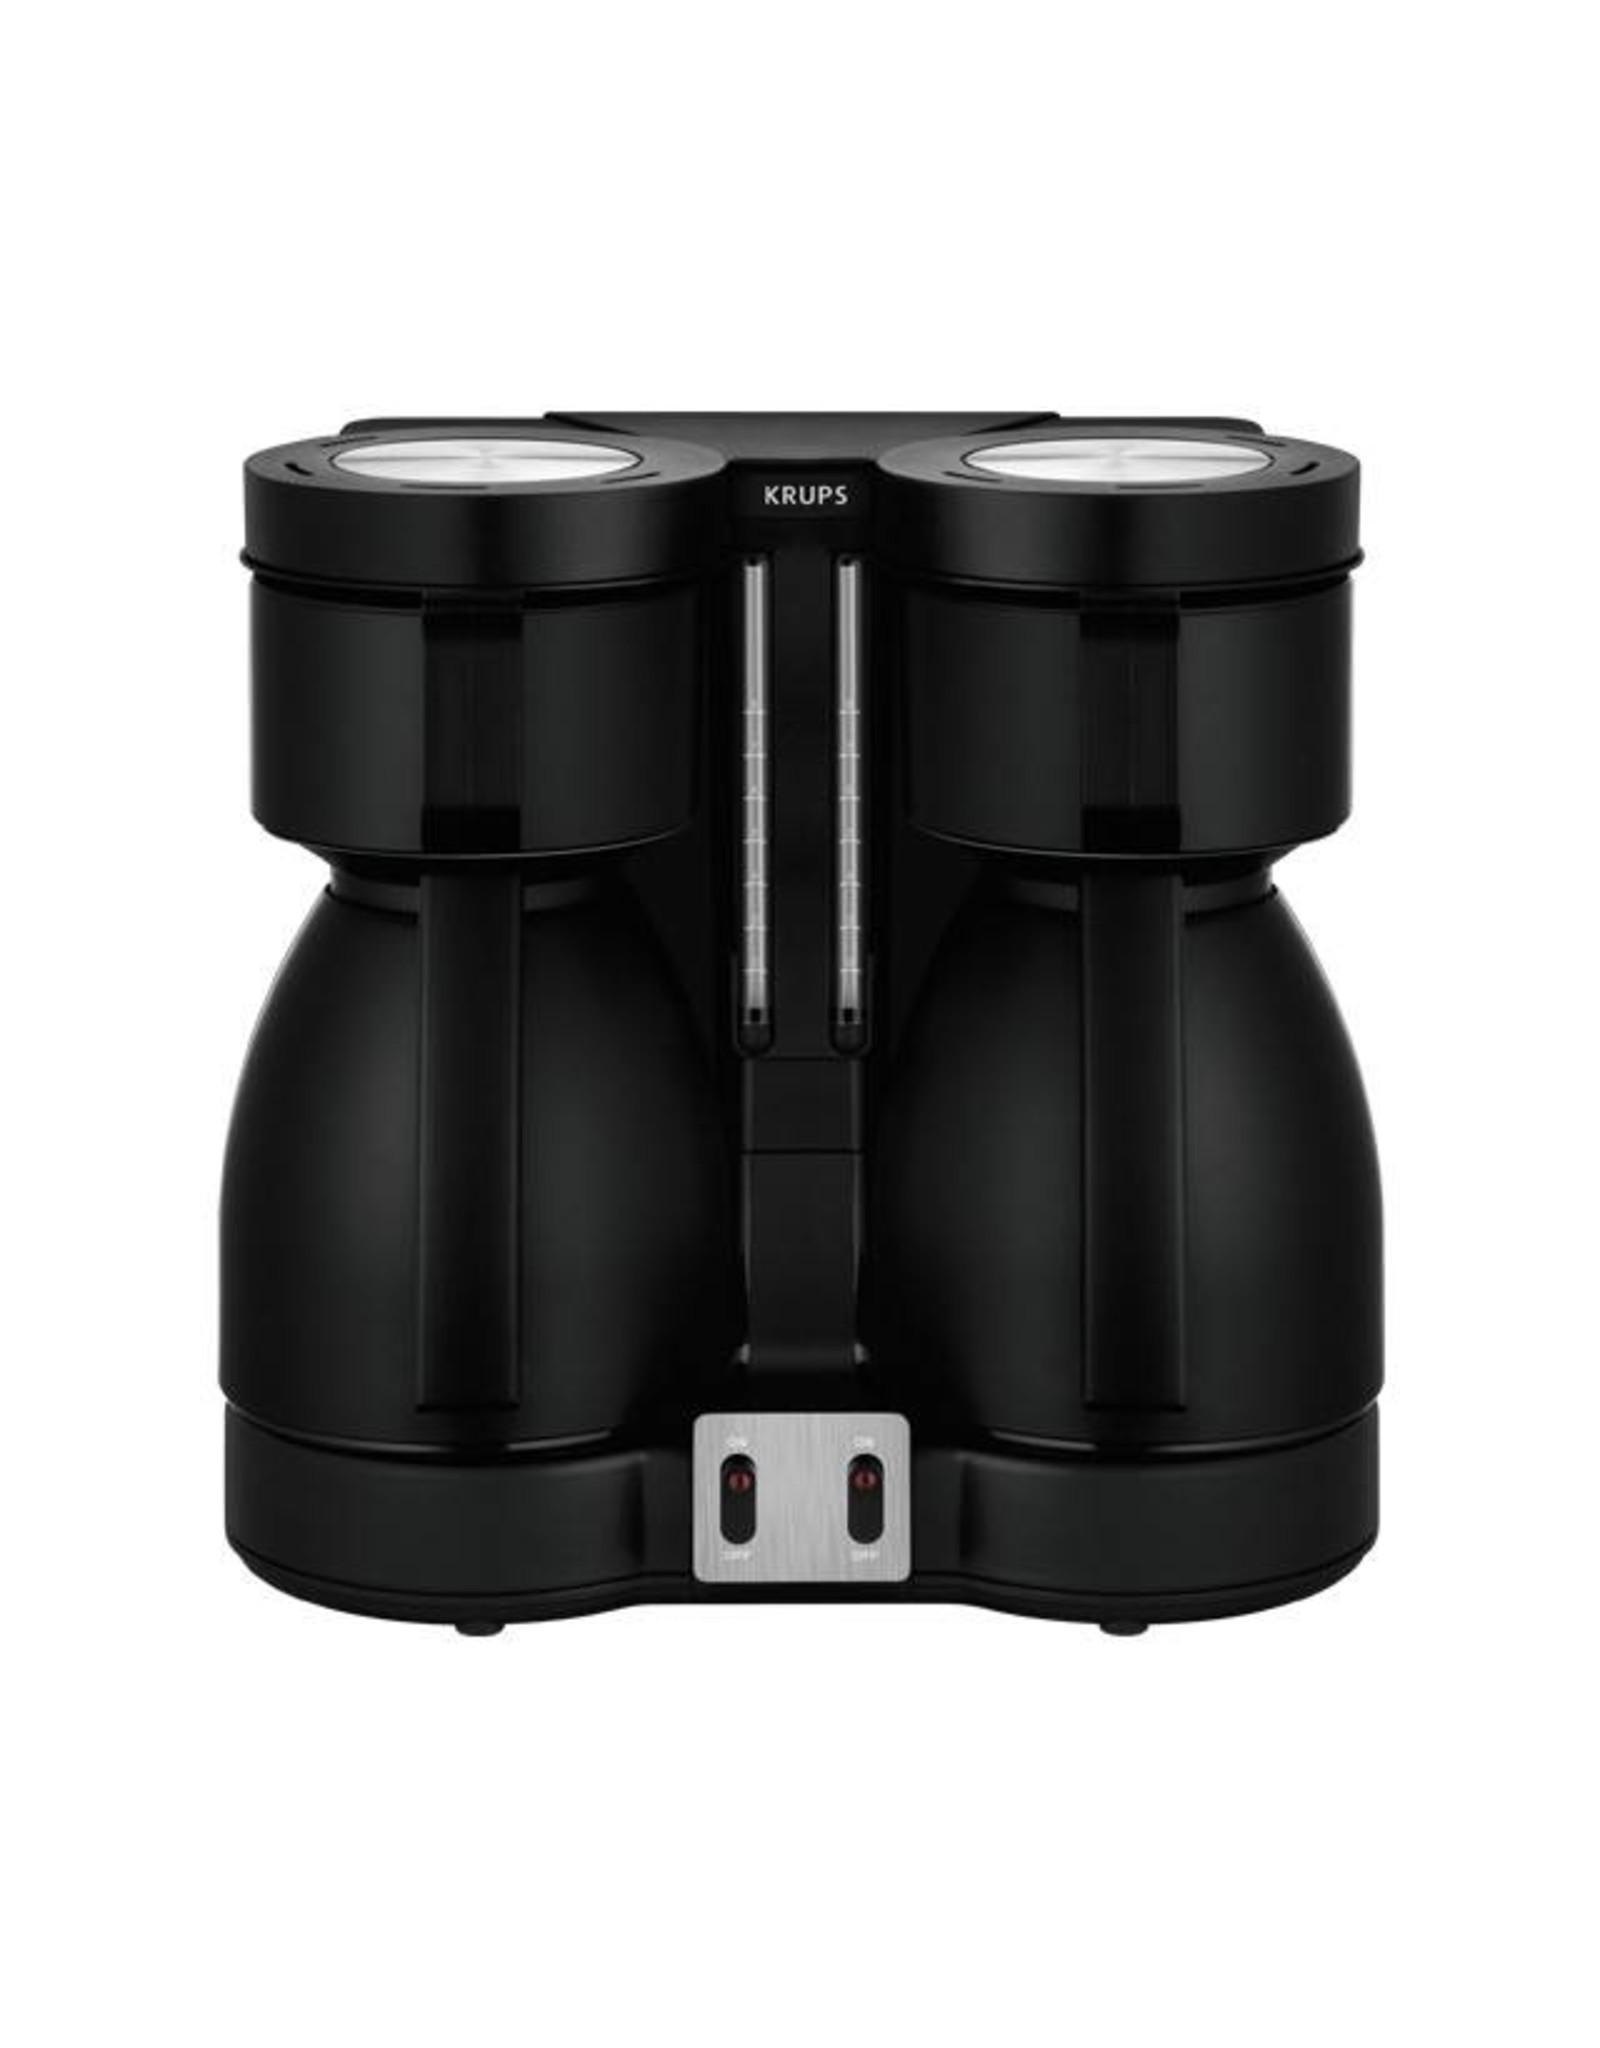 Krups Krups Duothek KT 8501 koffiezetapparaat met 2 kannen zwart